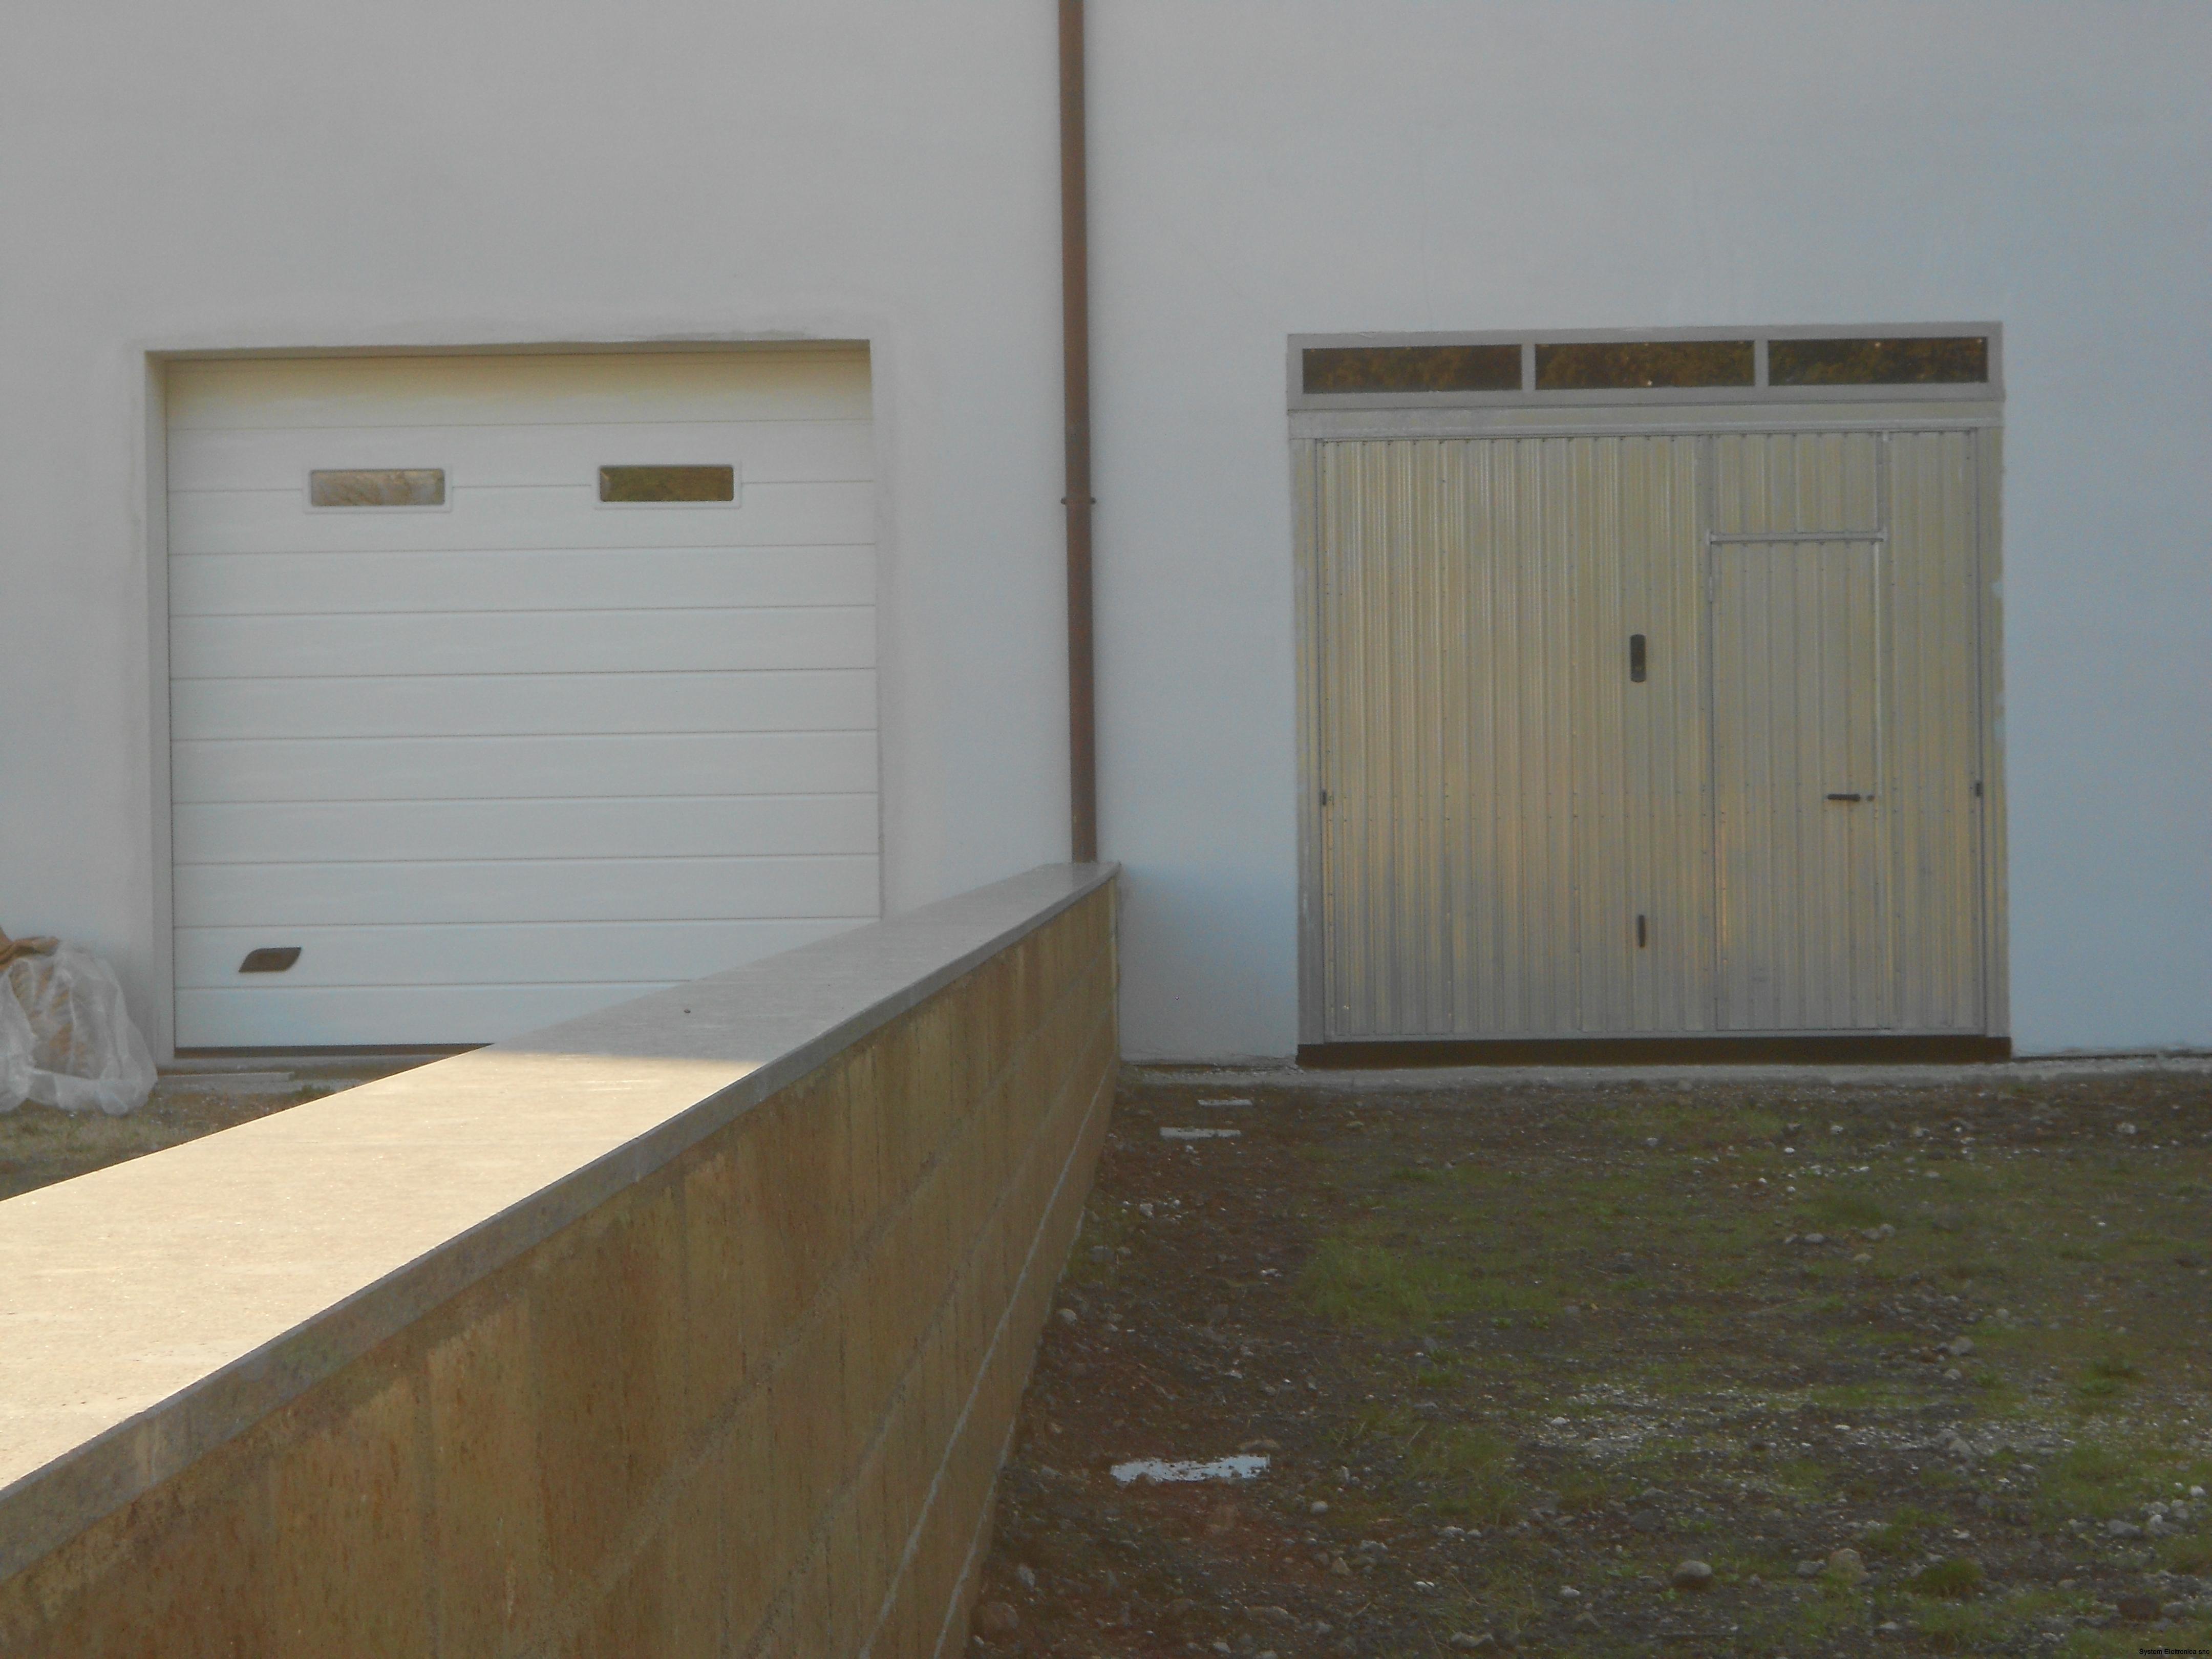 differenza fra una sezionale e una basculante, porta sezionale caprarola